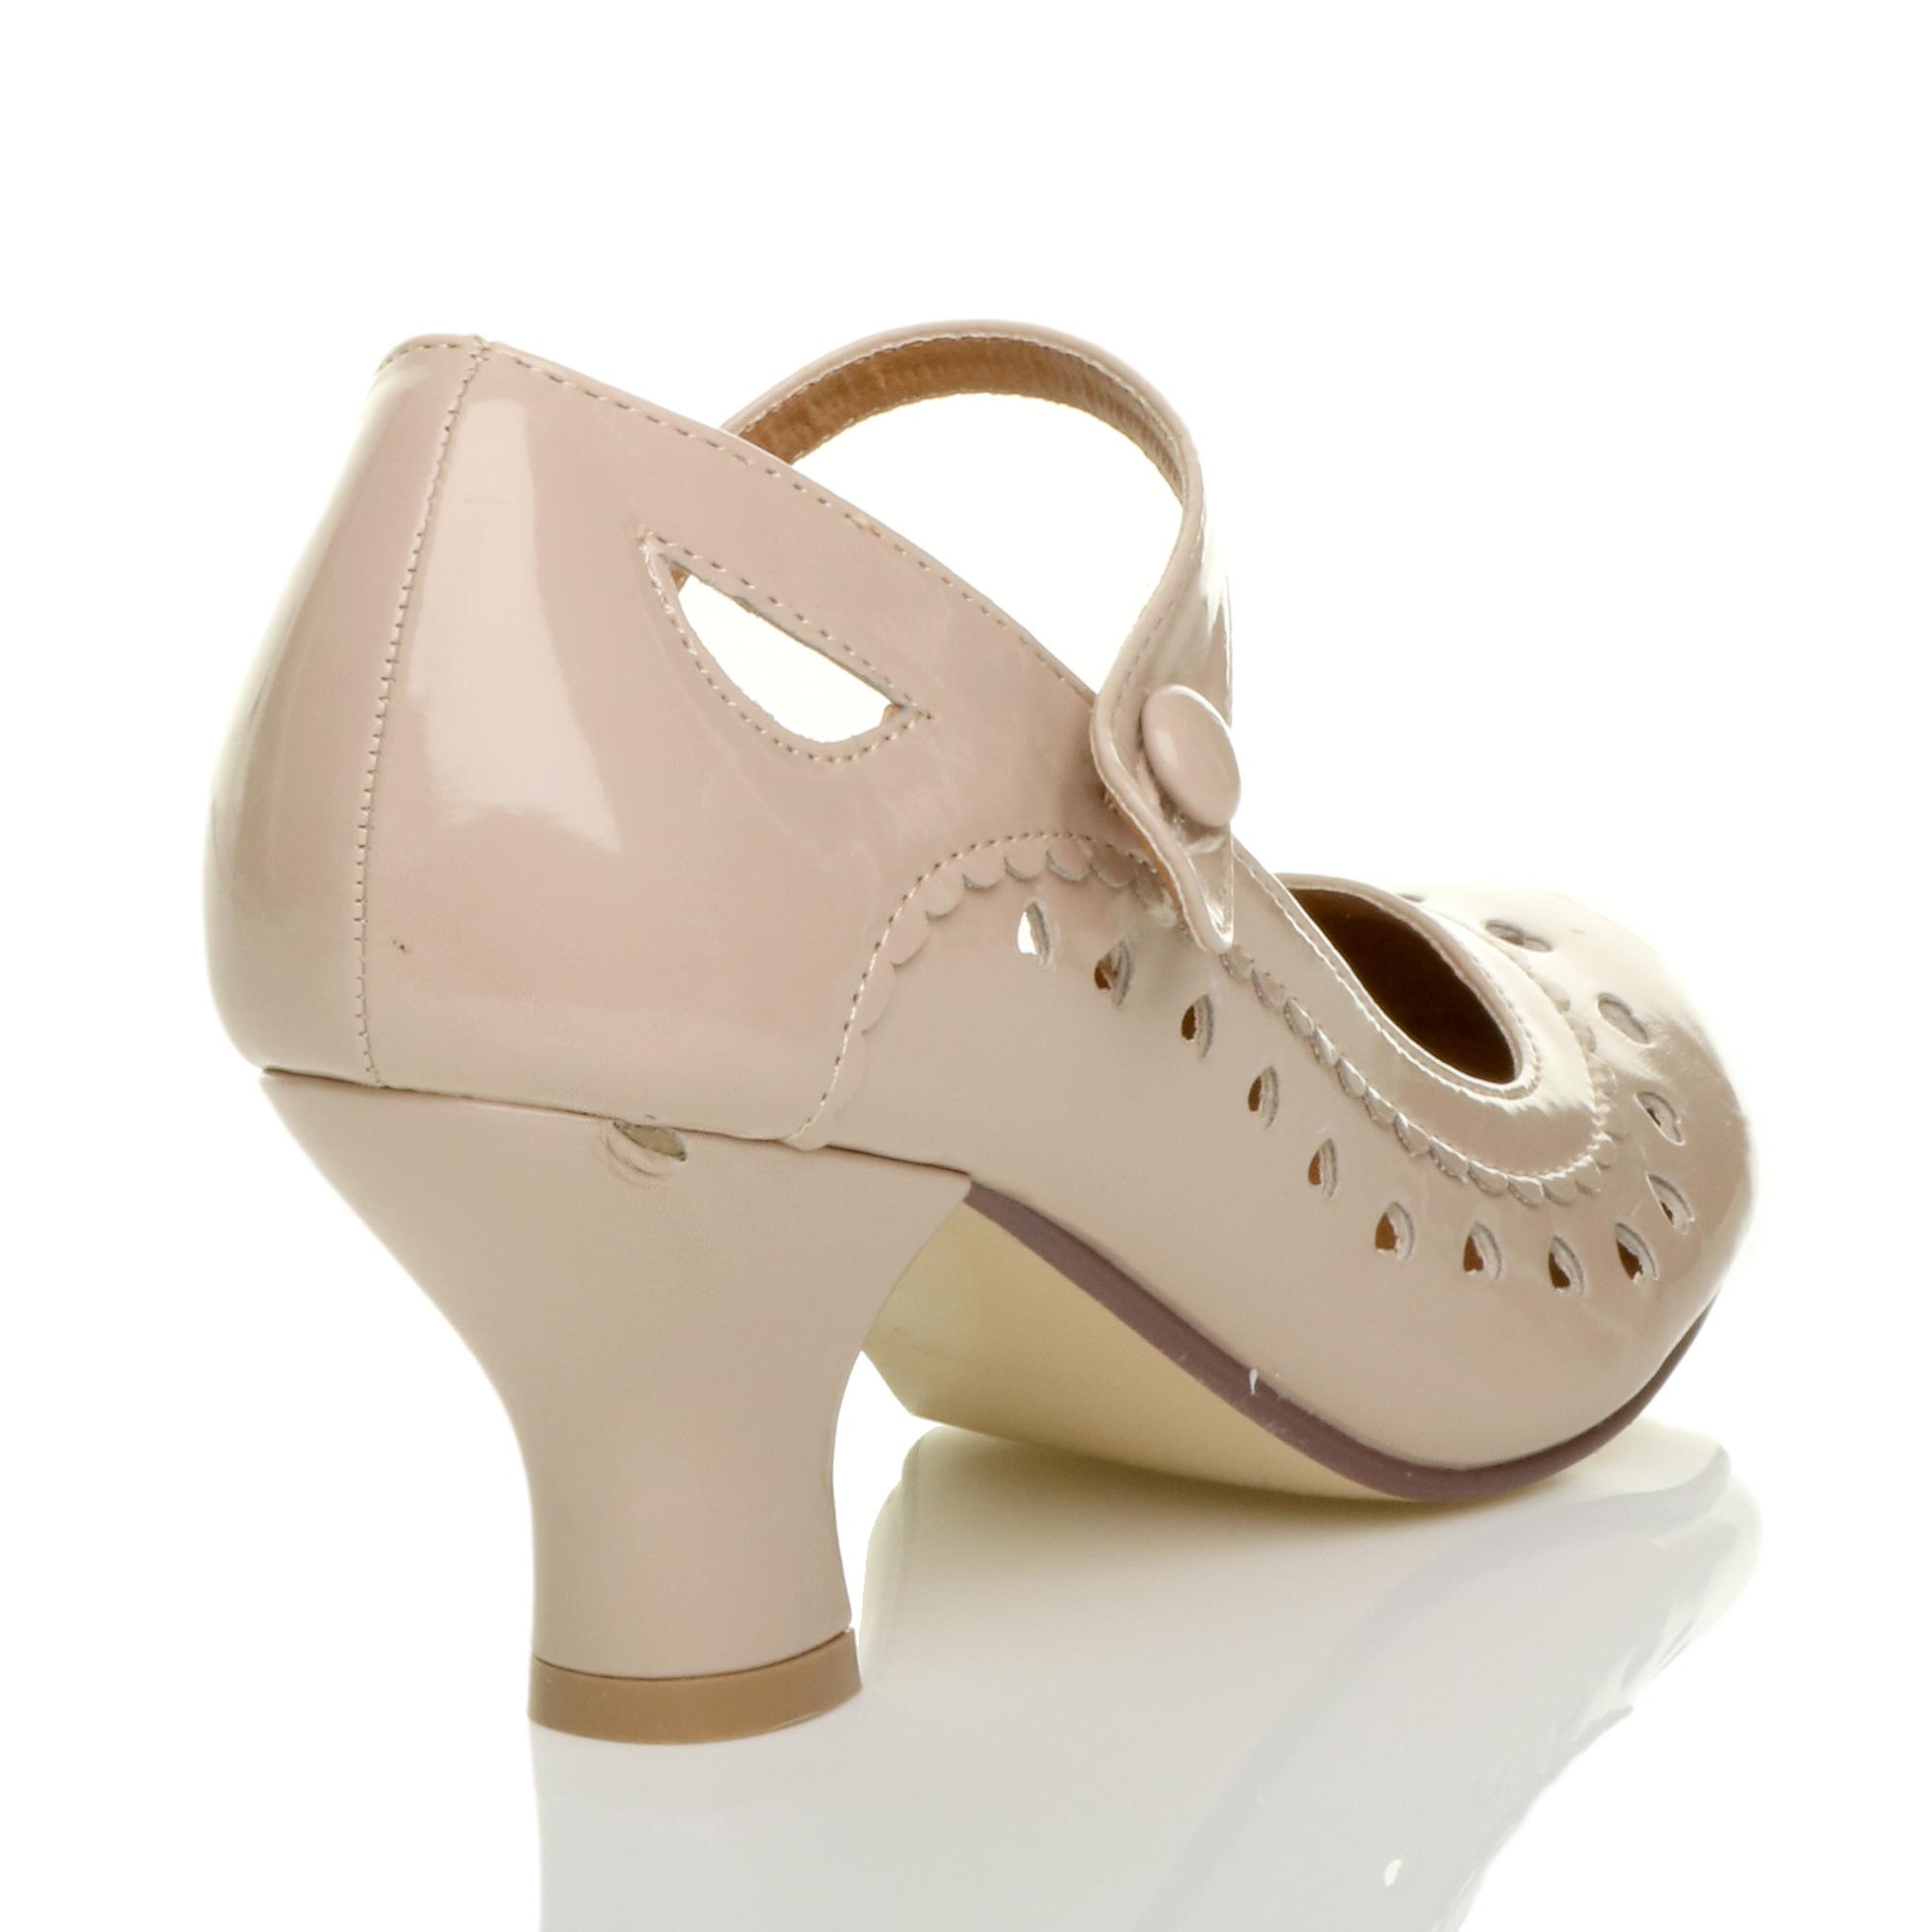 miniatura 18 - Da Donna con Tacco Basso Cinturino Alla Caviglia Mary Jane Stile Scarpe Eleganti Lavoro Pompe Dimensione